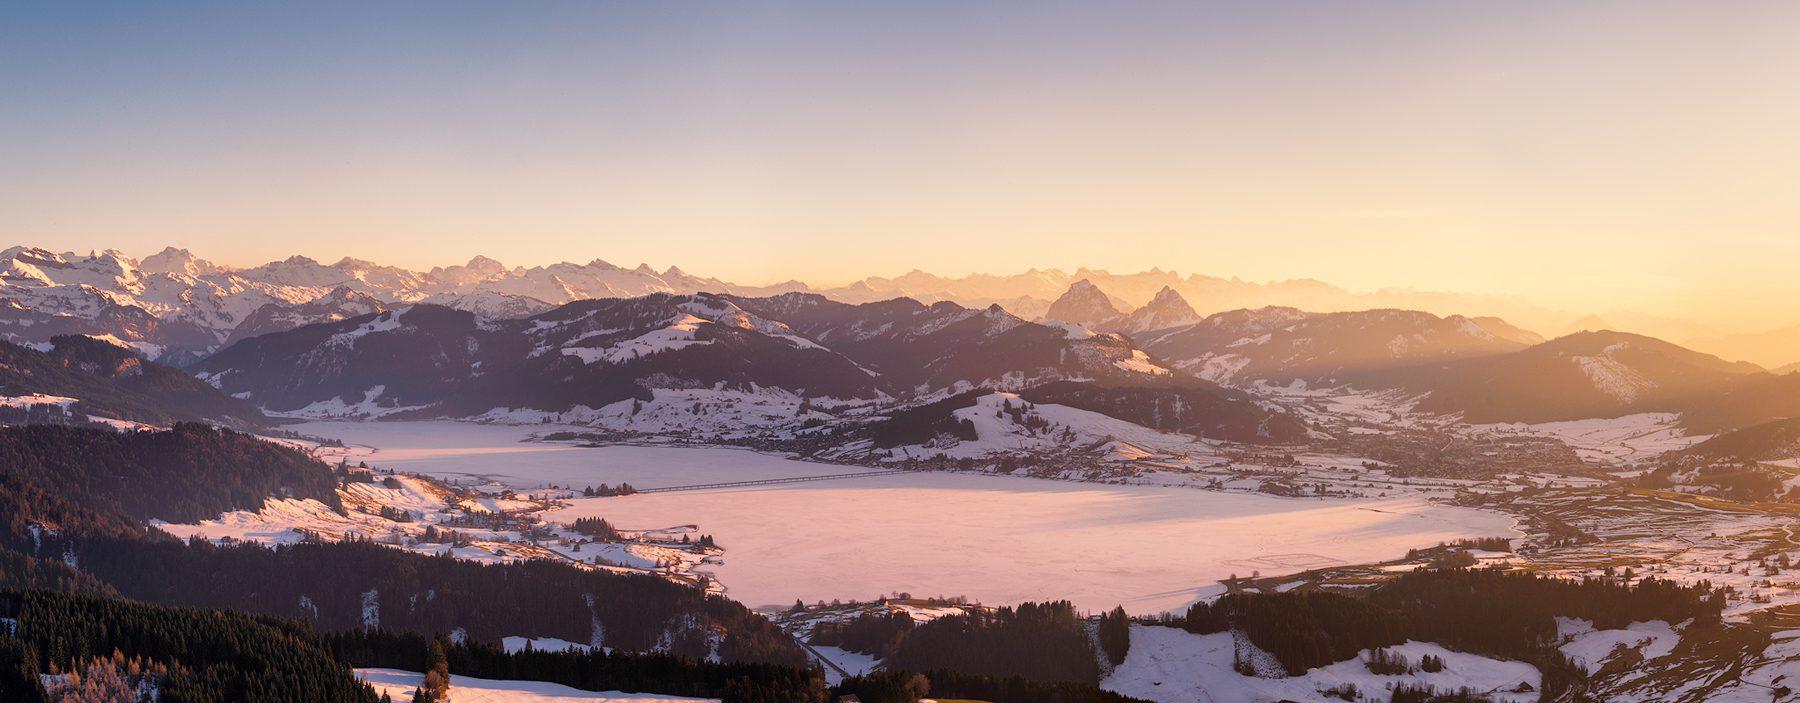 Switzerland, Schwyz, Aerial Photograph, Lake Sihlsee, Einsiedeln, Snow Mountain, Sunset © by Gerry Pacher